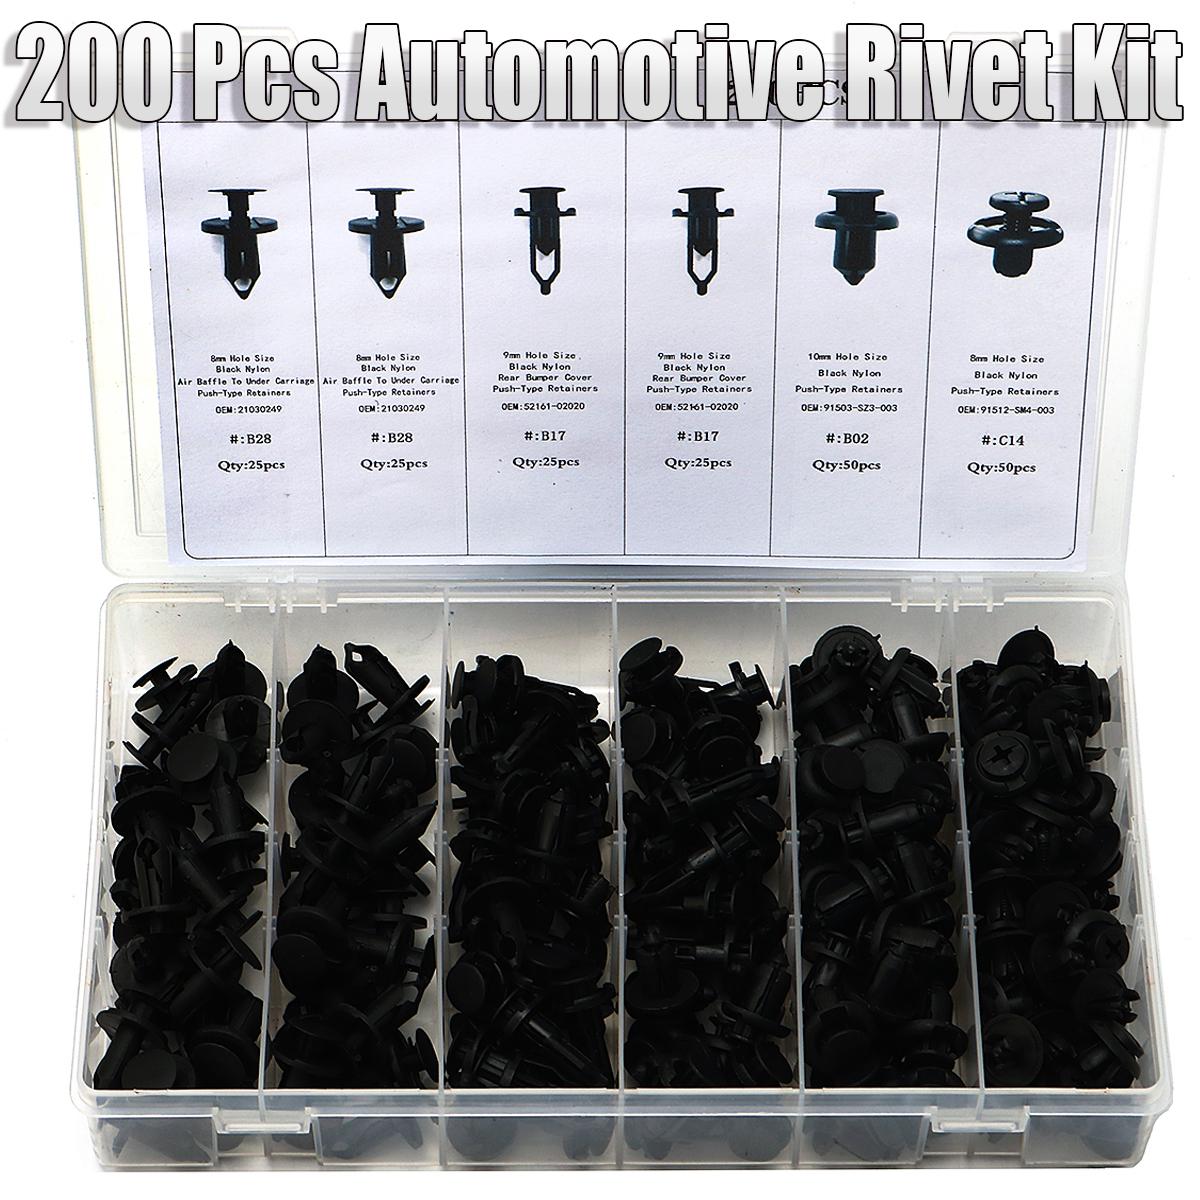 200 Pcs Auto Car Pushpin Rivet Trim Clip Assortment Kit For Ford For Toyota For Honda